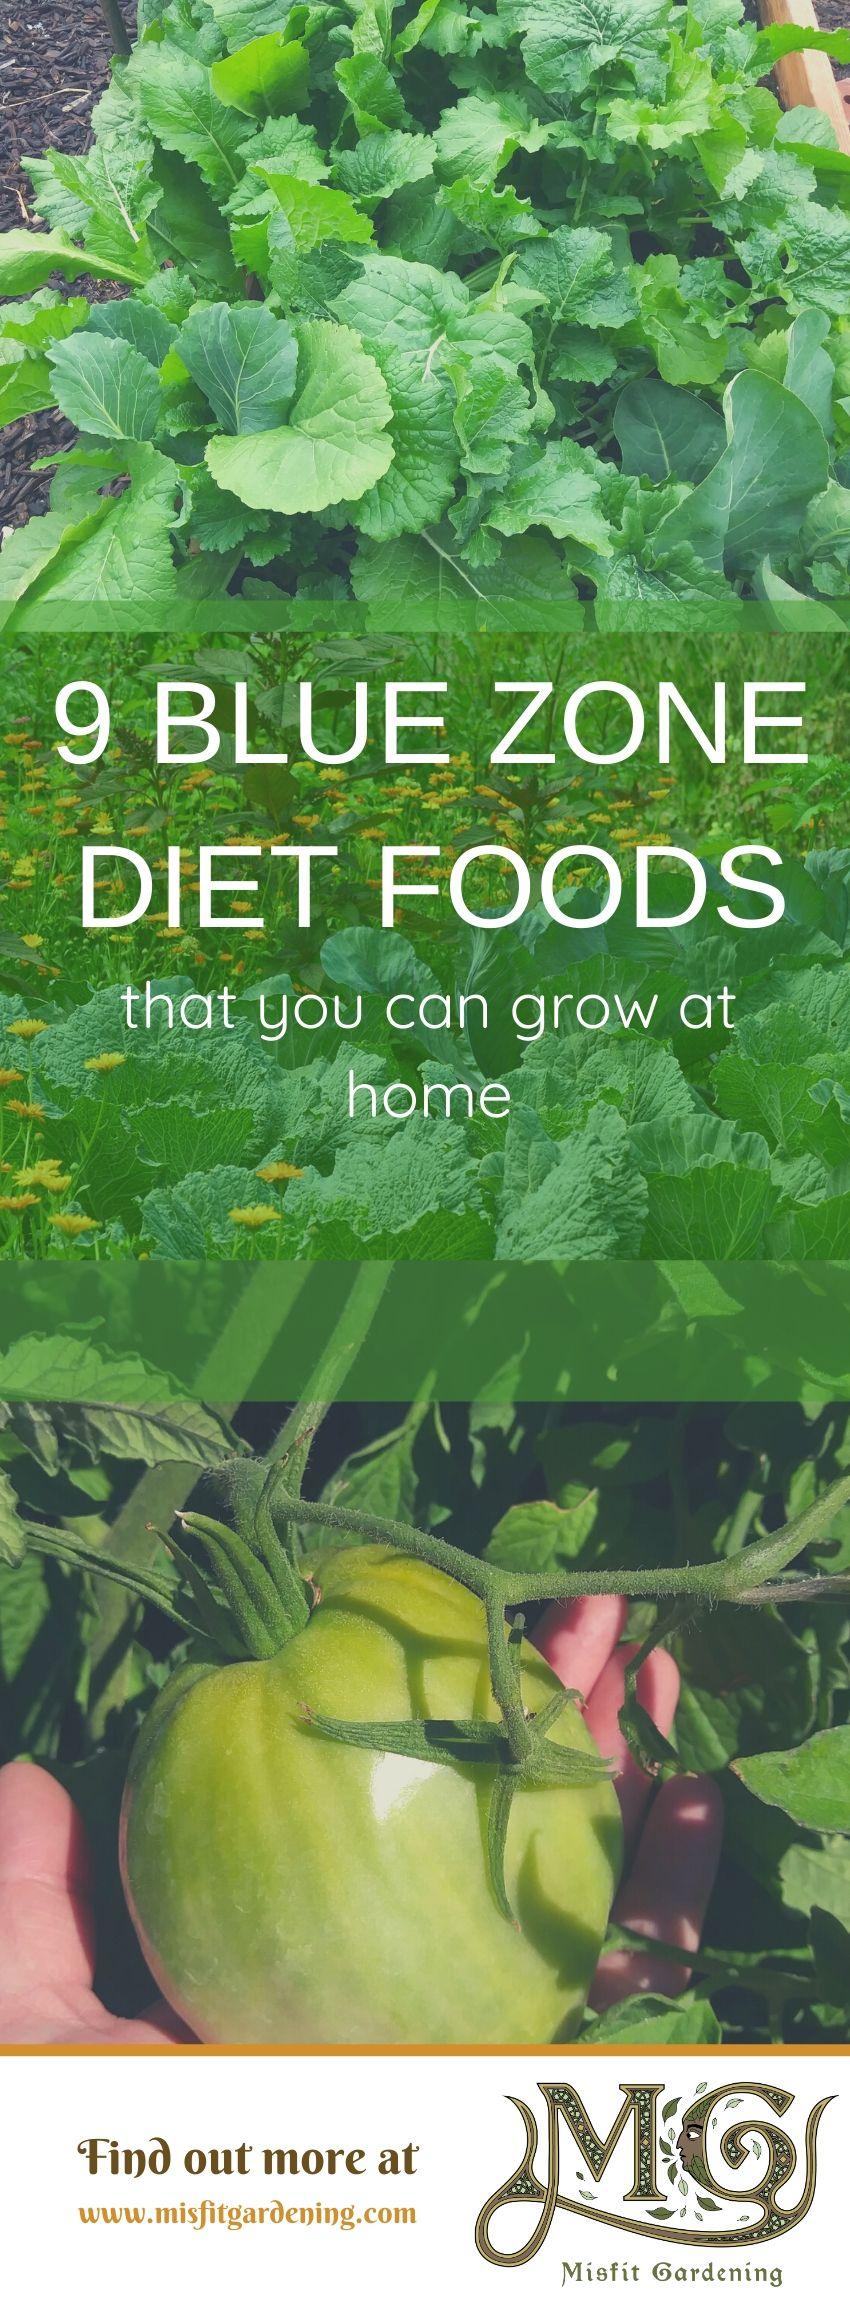 Klicken Sie hier, um mehr über Blue-Zone-Diätnahrungsmittel zu erfahren, die Sie zu Hause anbauen oder anheften und für später aufbewahren können. #Homesteading #Garten